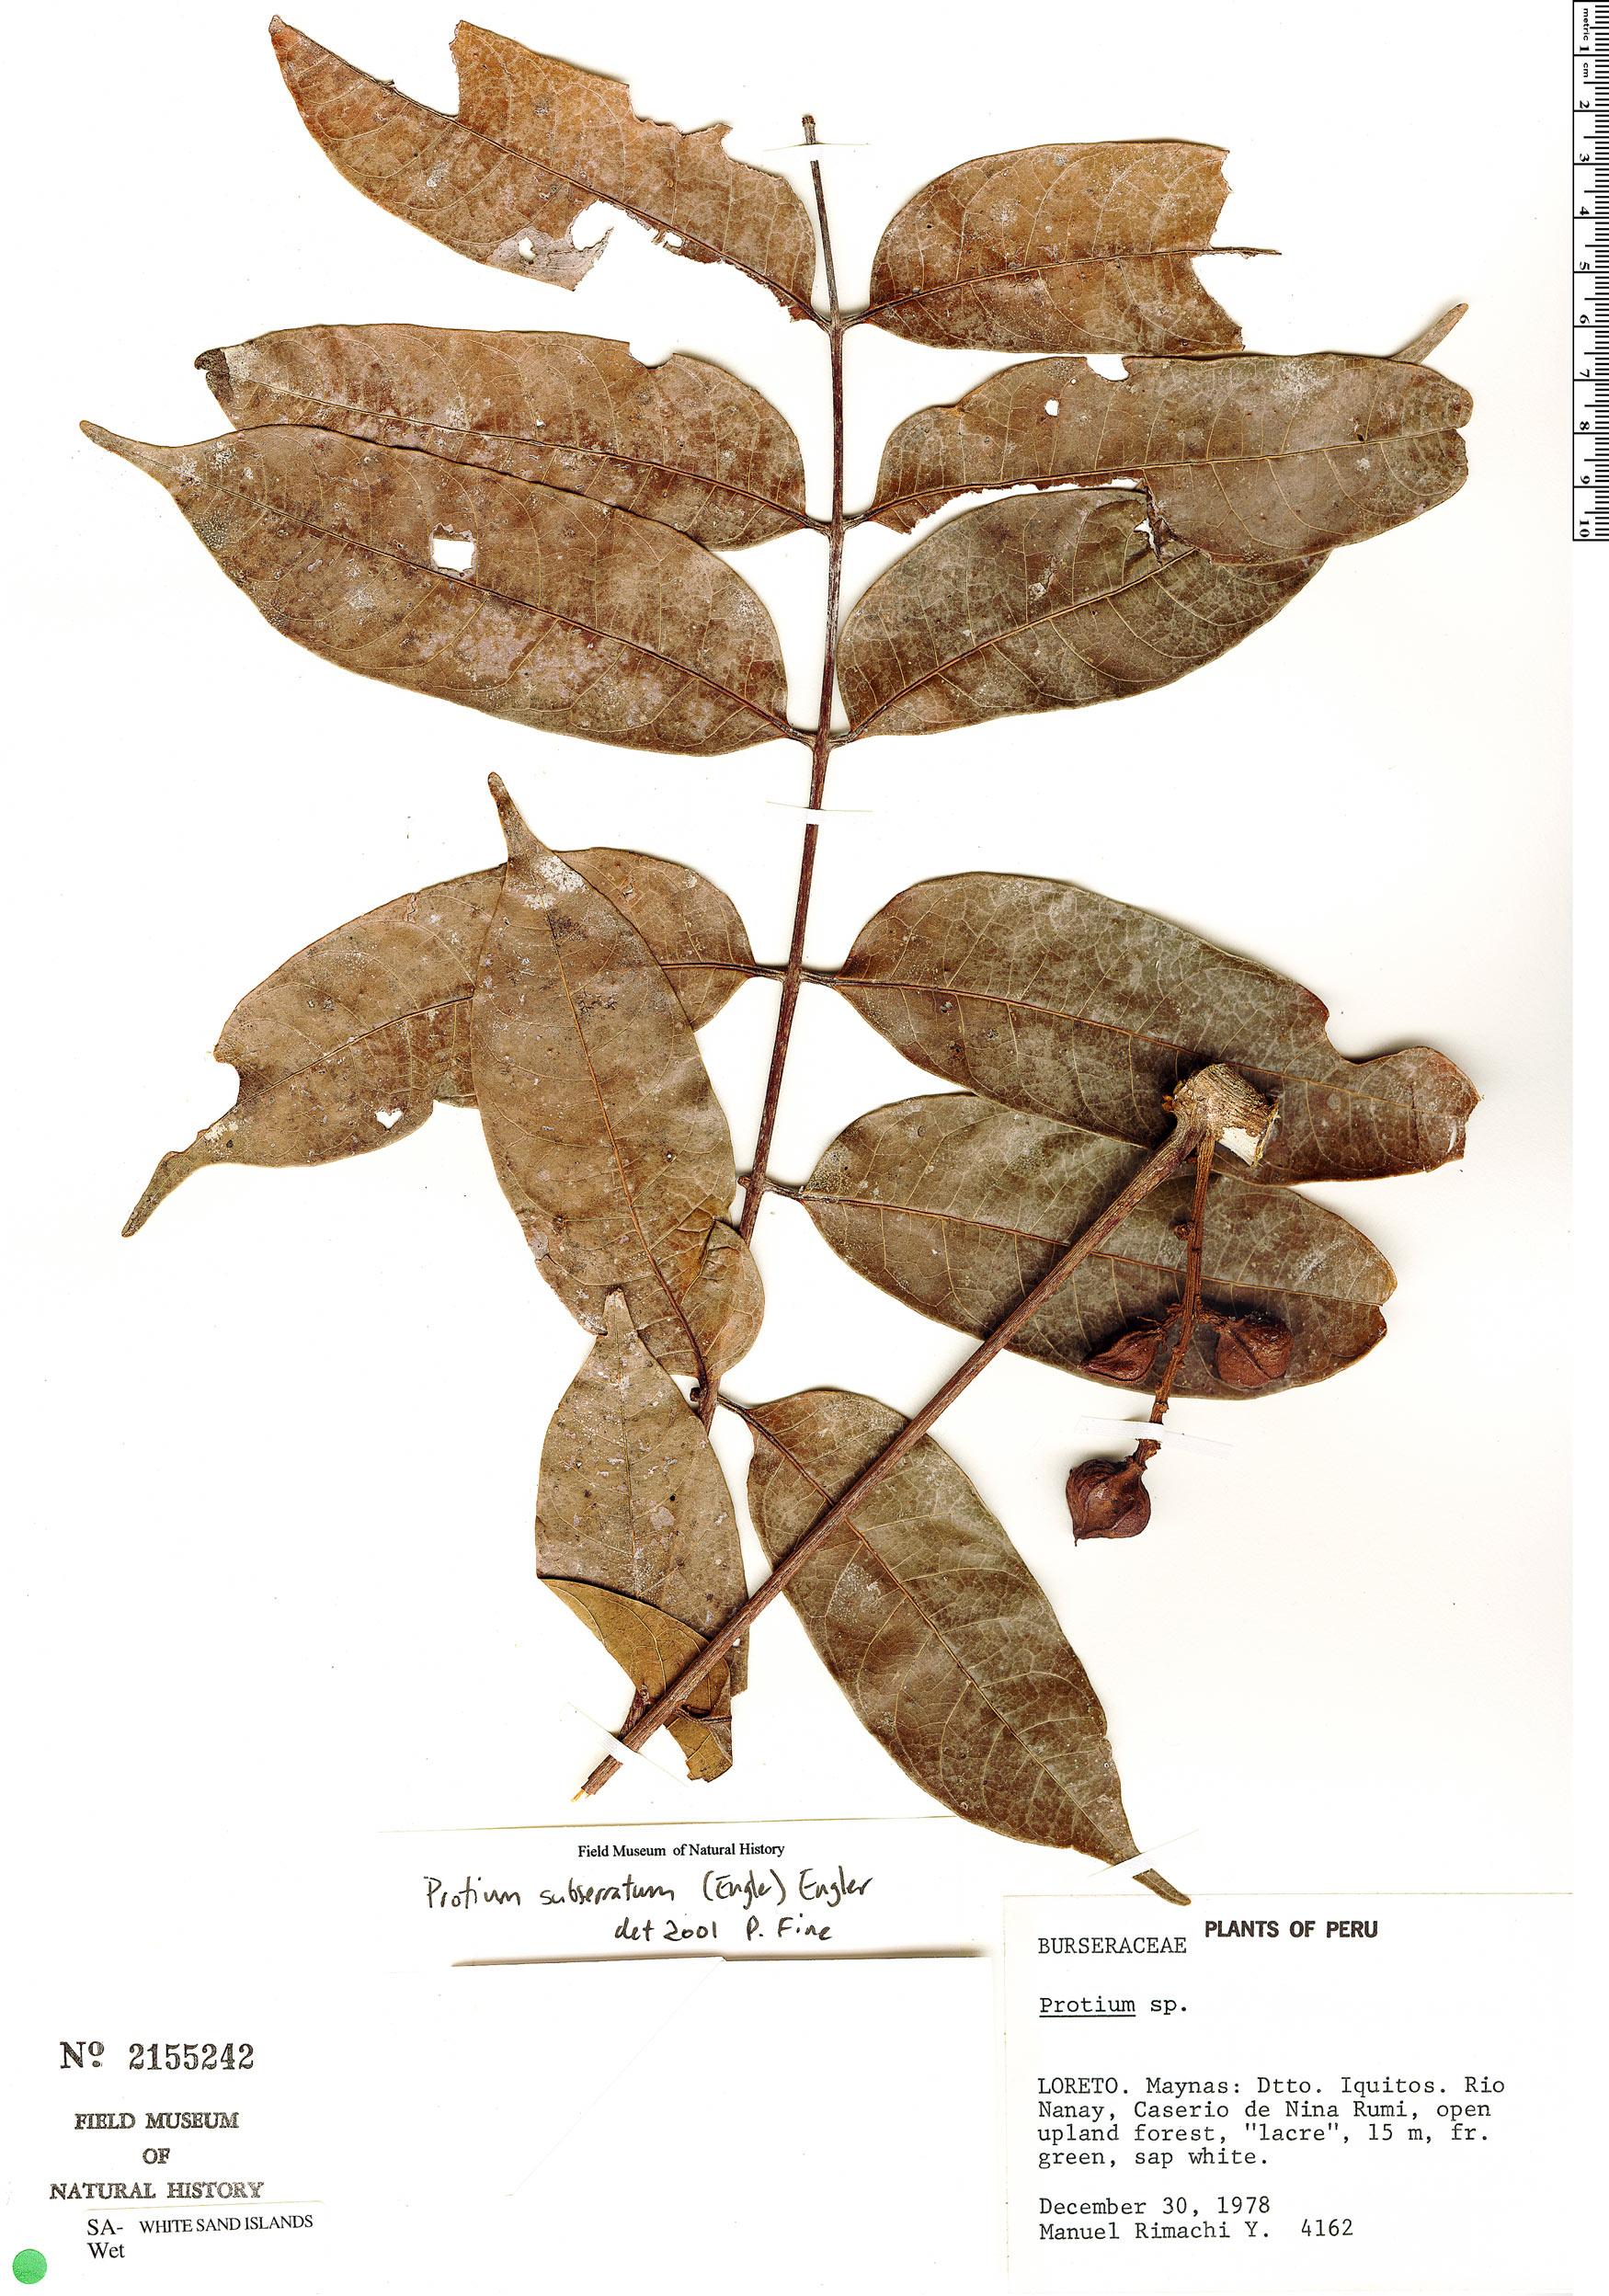 Specimen: Protium subserratum